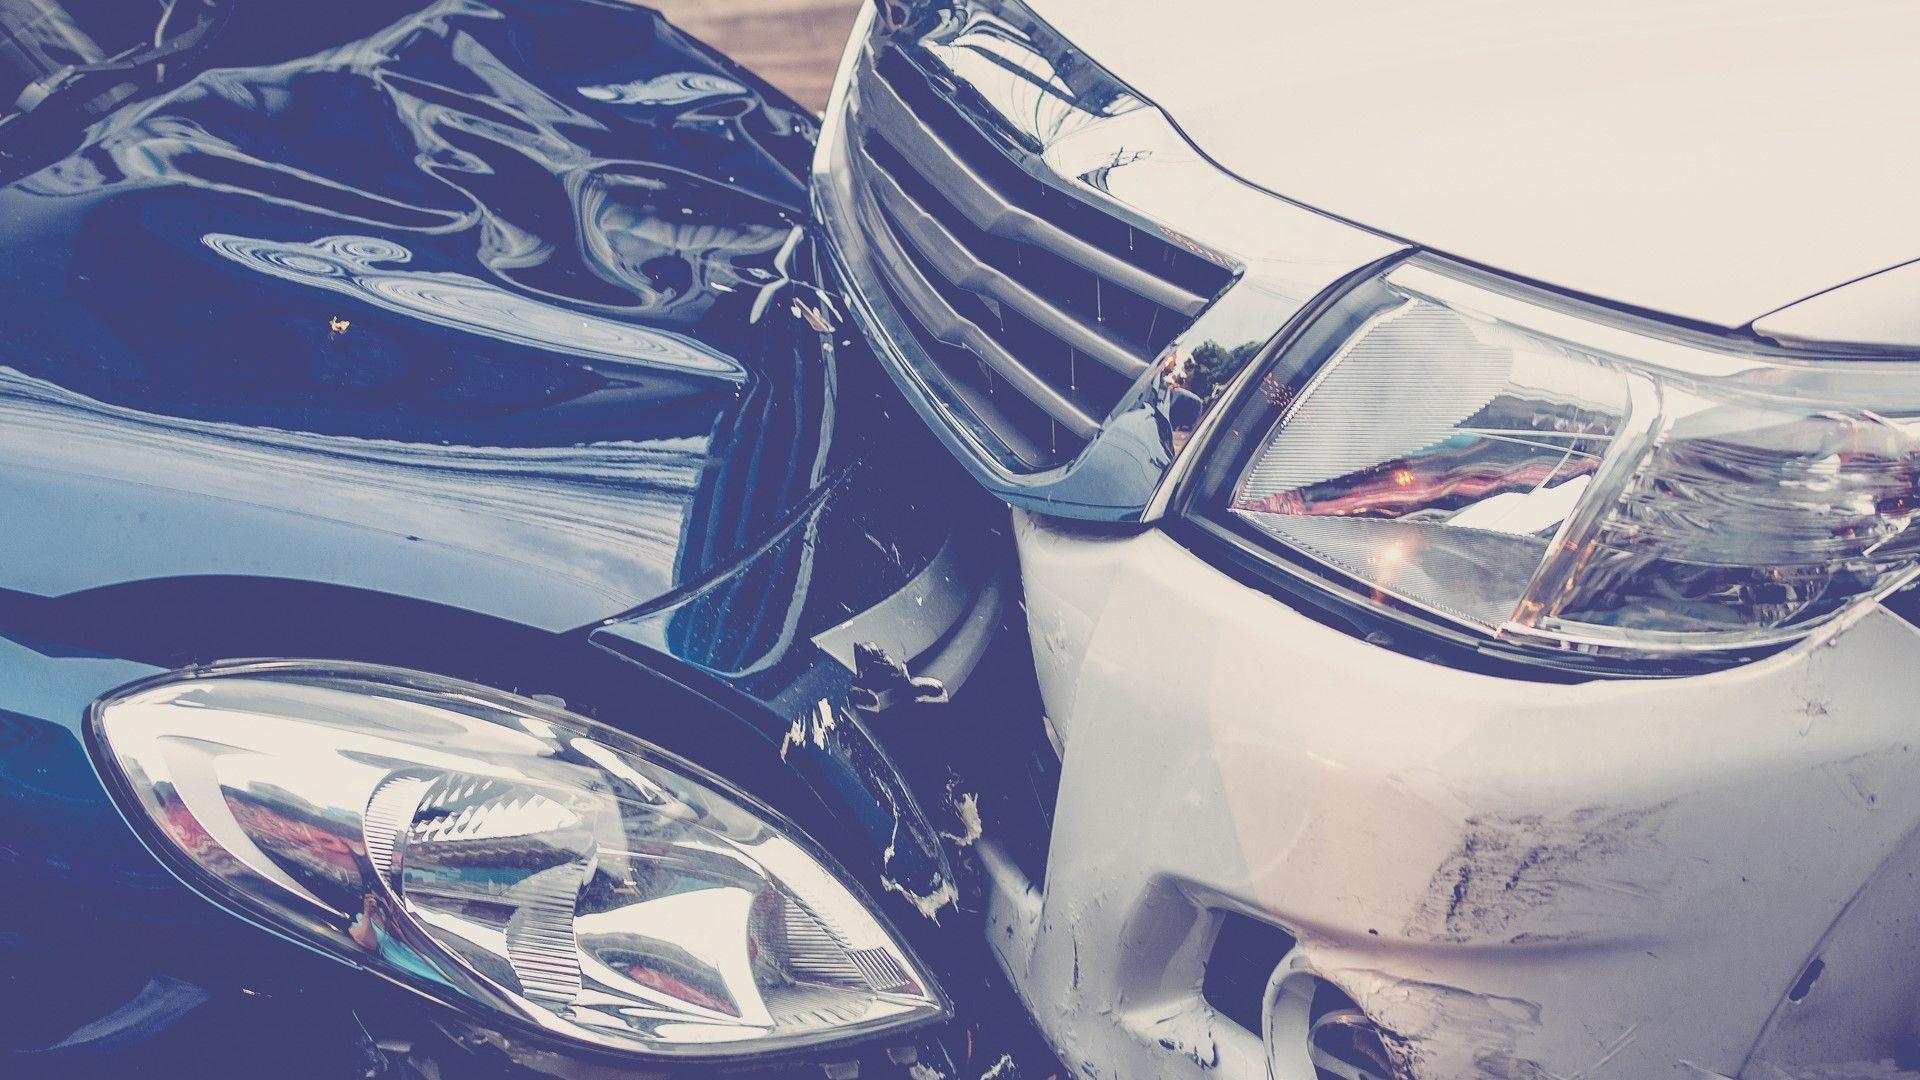 Отнемане на предимство от учебен автомобил погуби жена в Благоевград